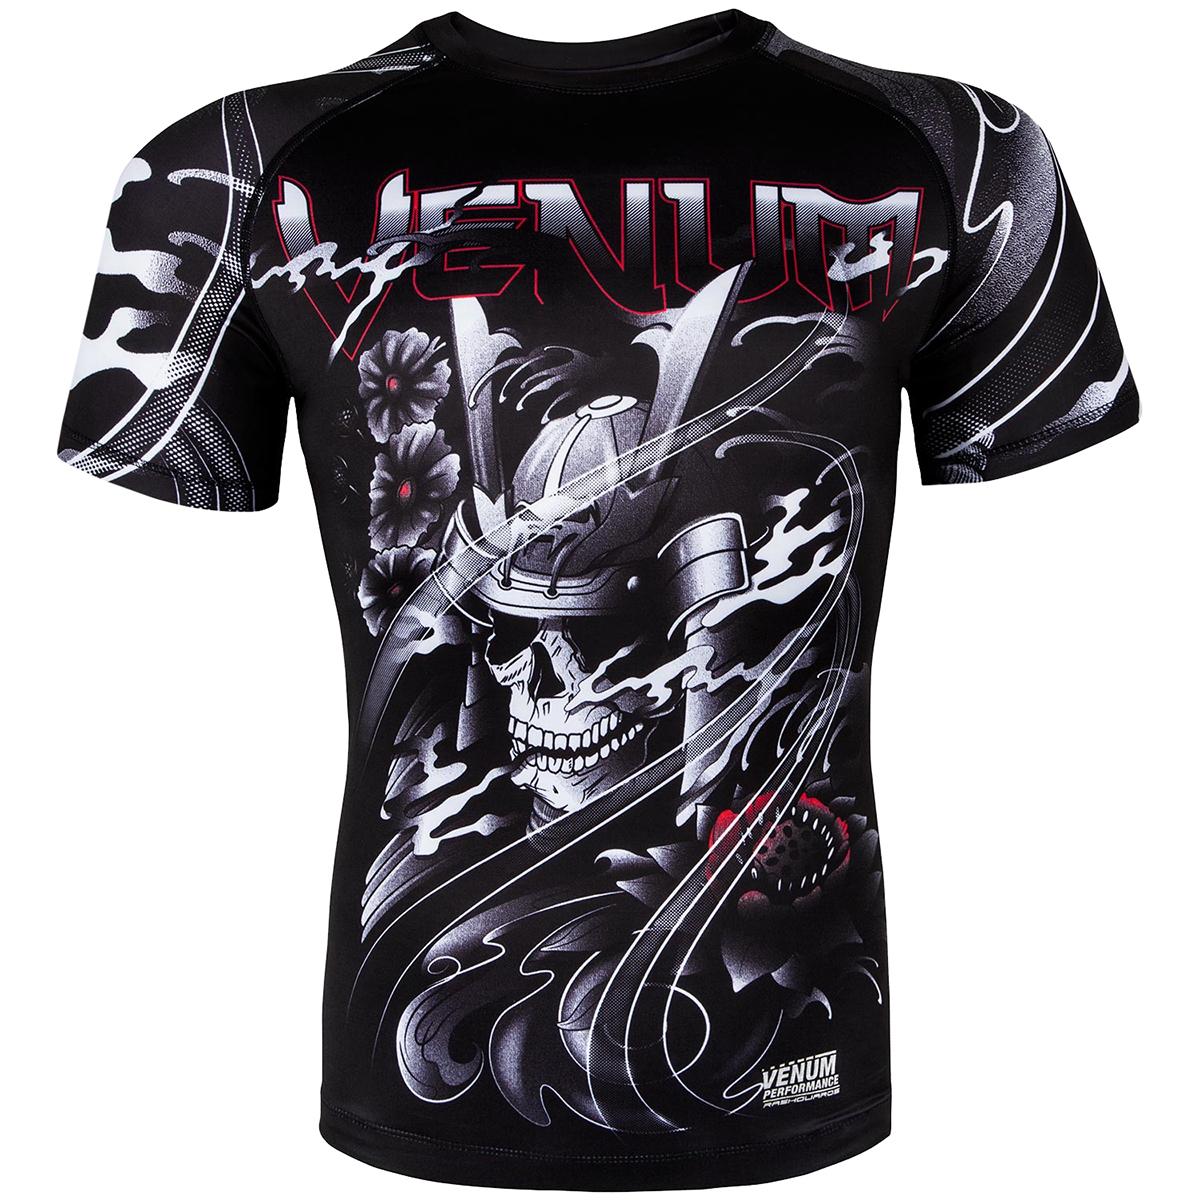 b59ef2ce9c8c2e Venum Samurai Skull Short Sleeve MMA Rashguard - XS - Black